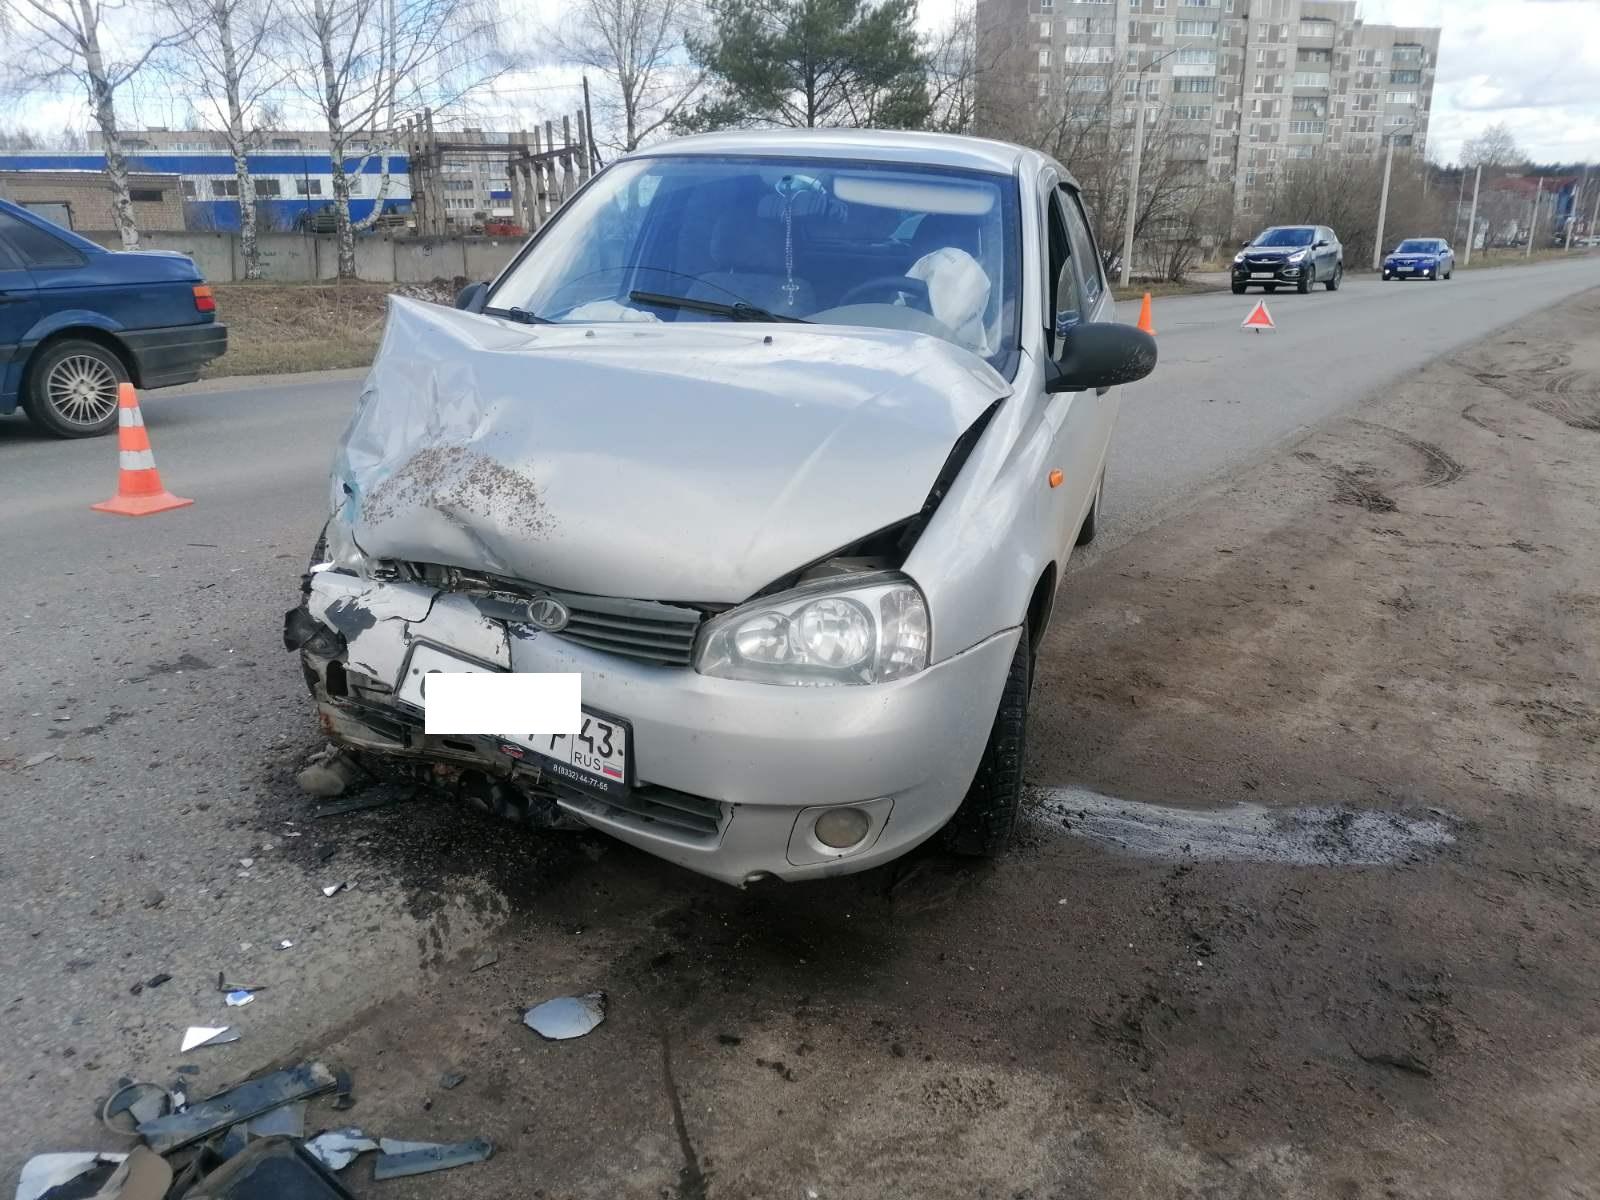 Утром в Чепецке при столкновении двух ВАЗов пострадала женщина